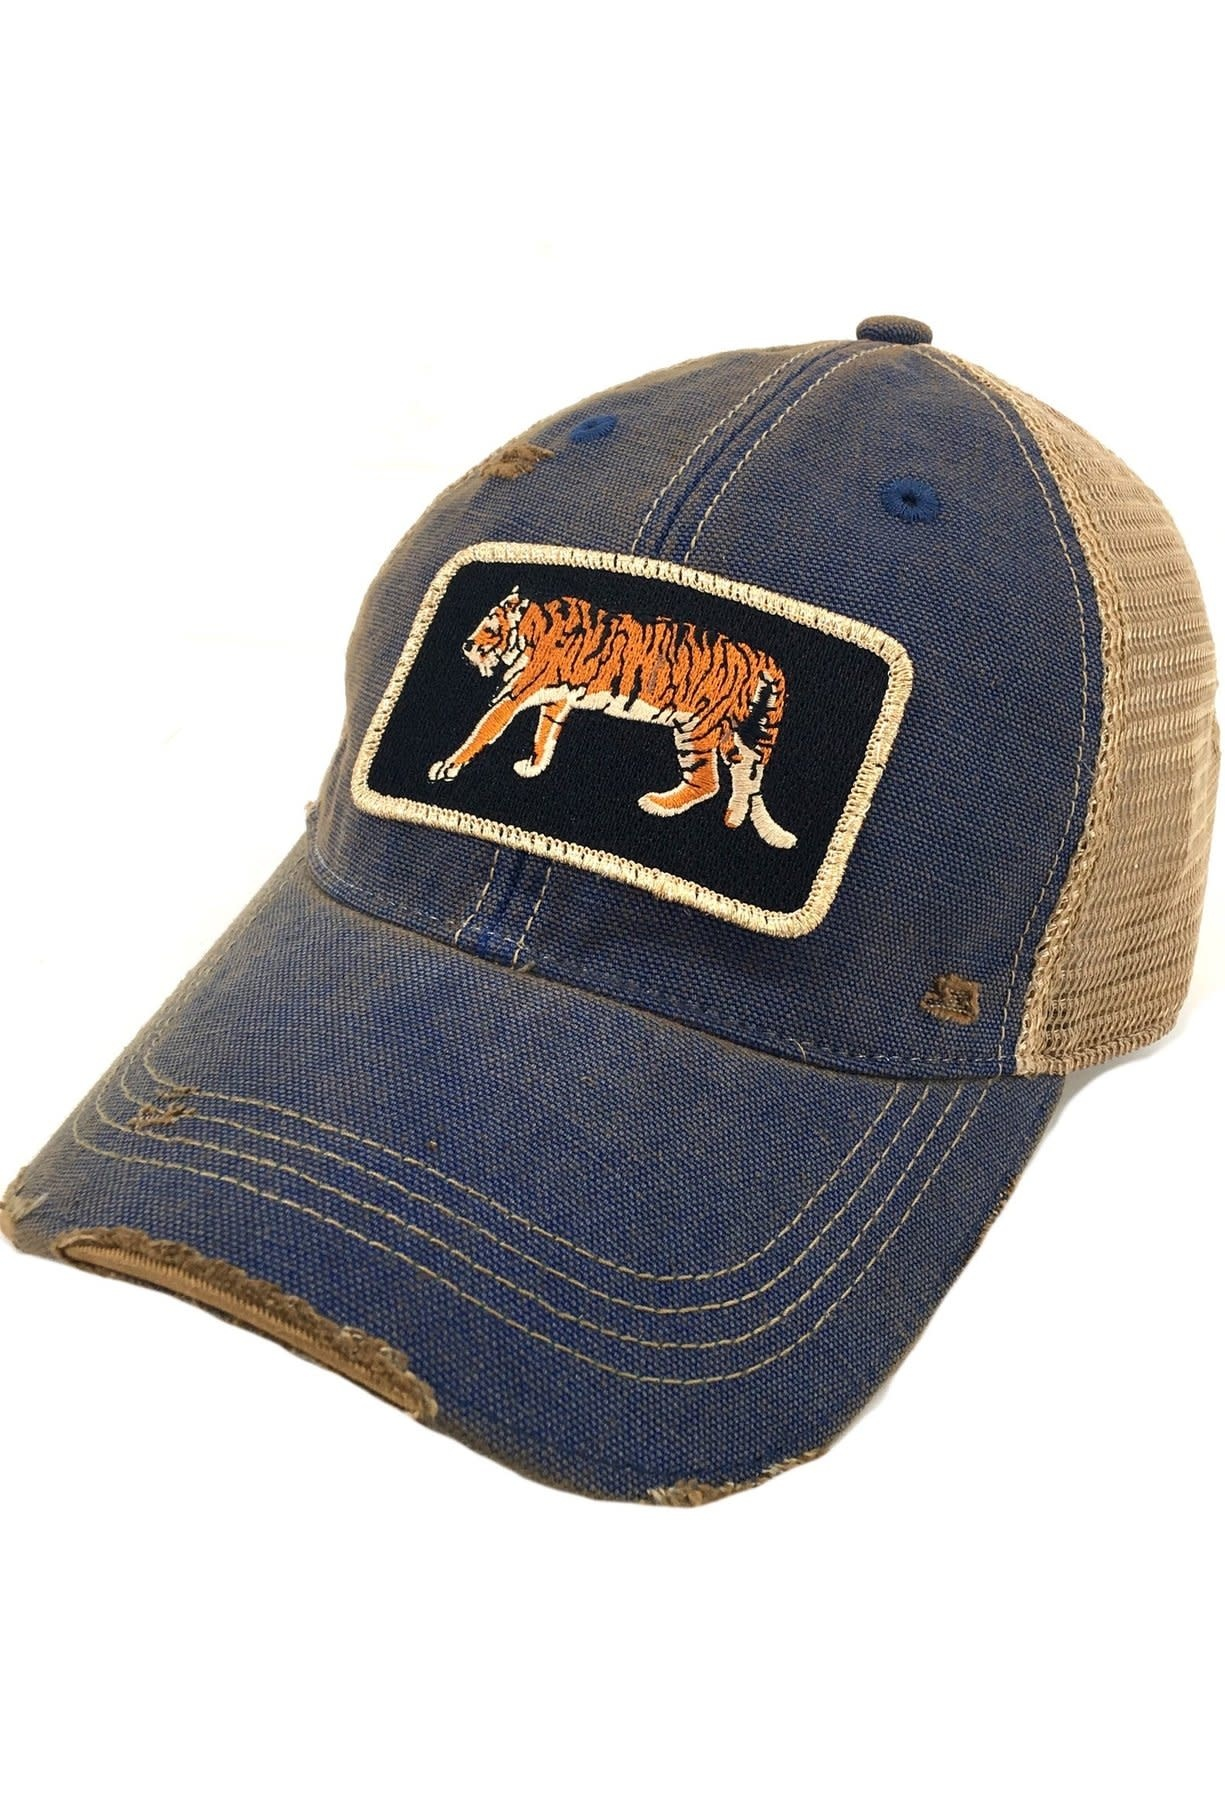 Go Get Em Tiger Blue Patch Cap